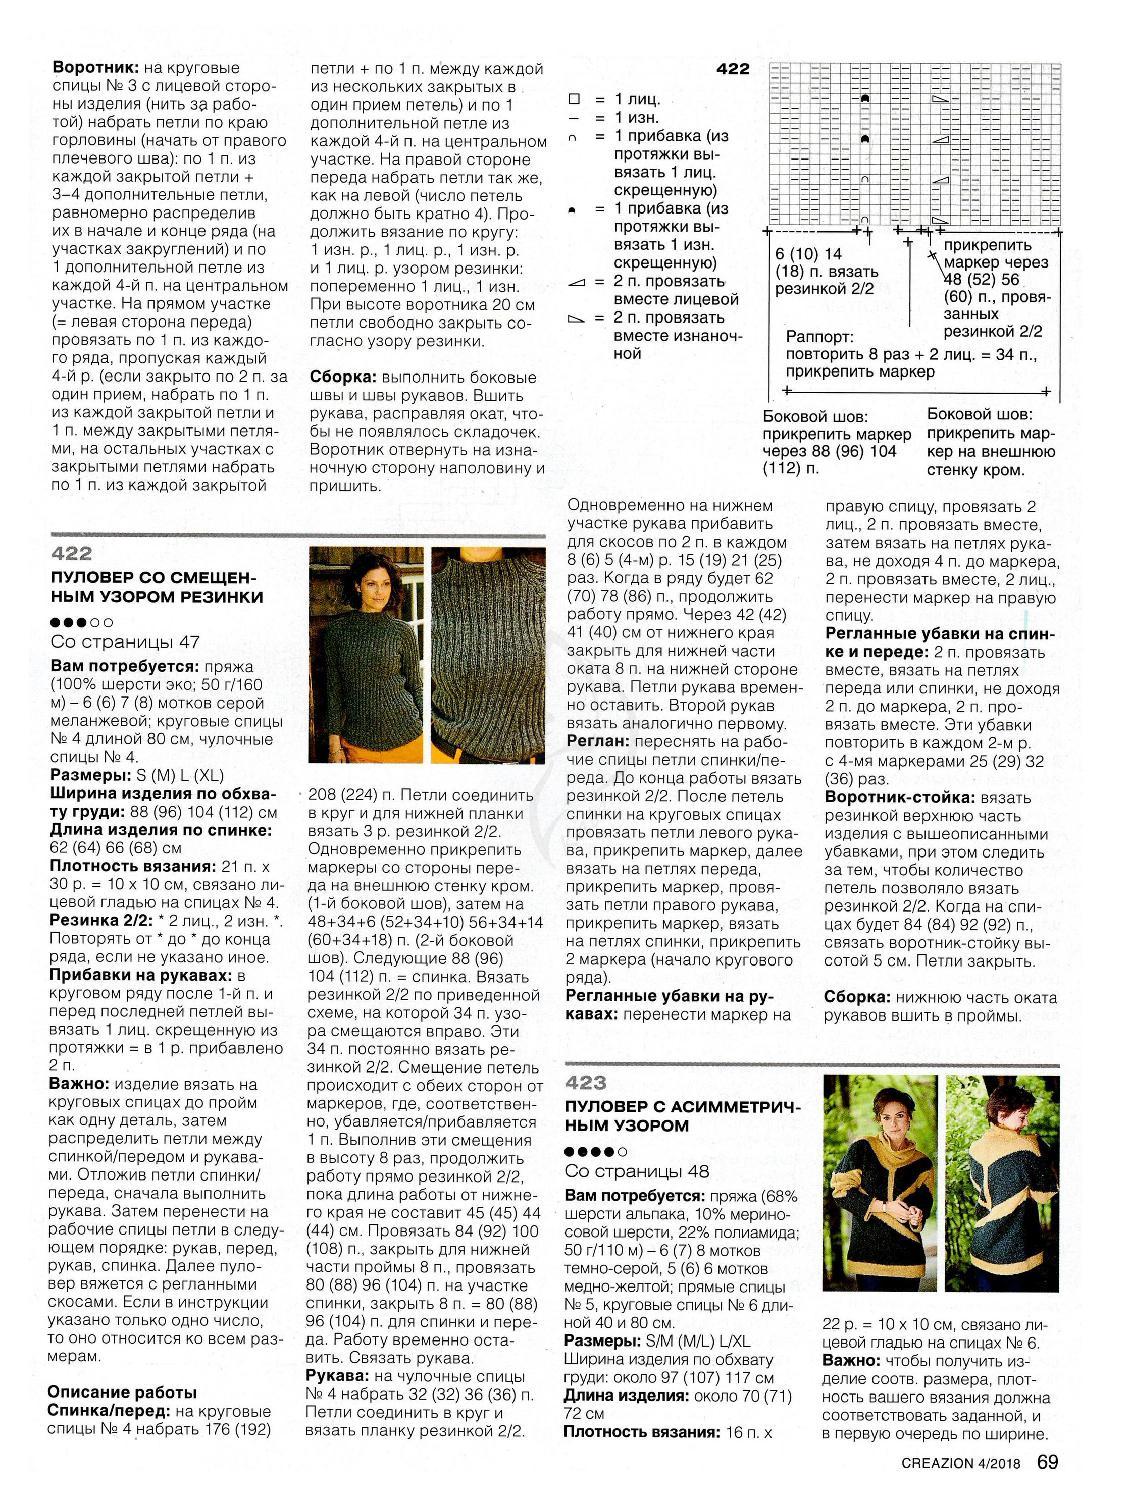 Page_000691b3eda19d43ea7b0.jpg